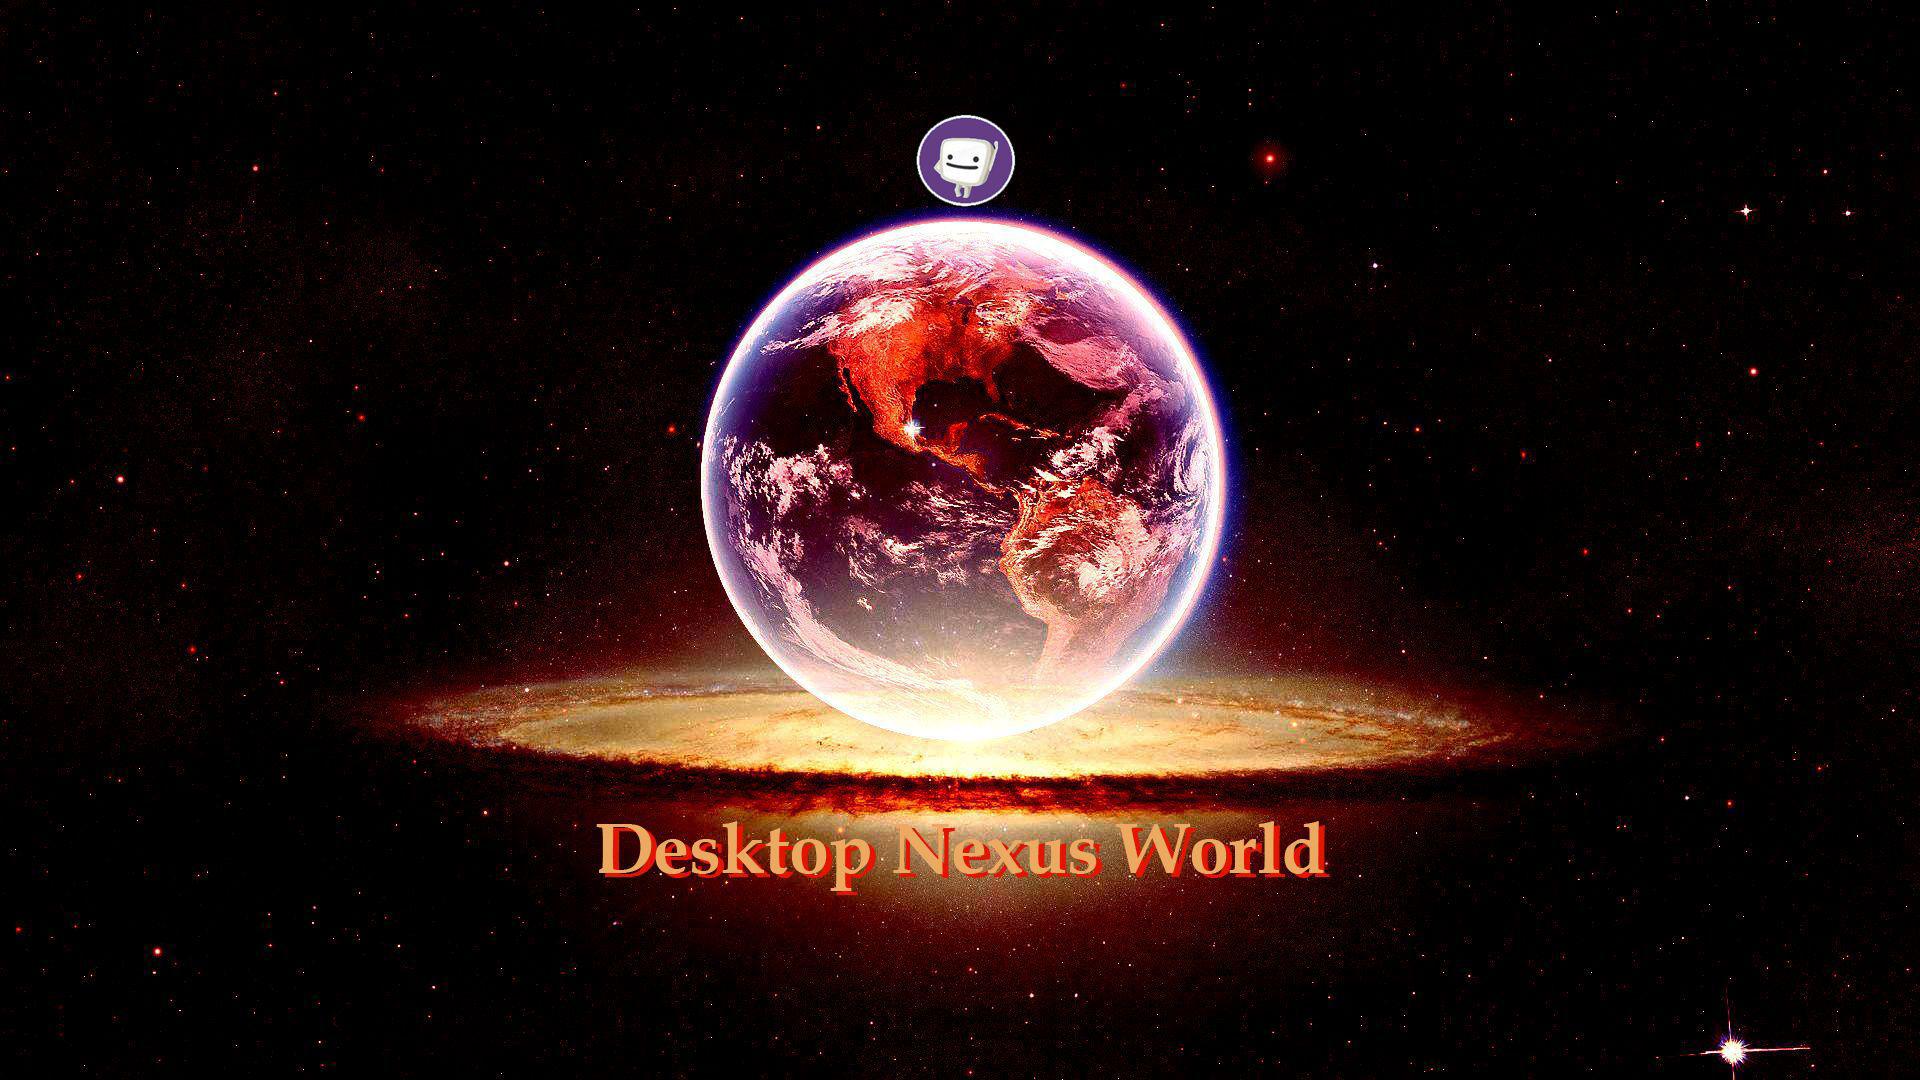 Abstract Nexus Desktop Wallpaper 6404 Hd Wallpapers Background 1920x1080